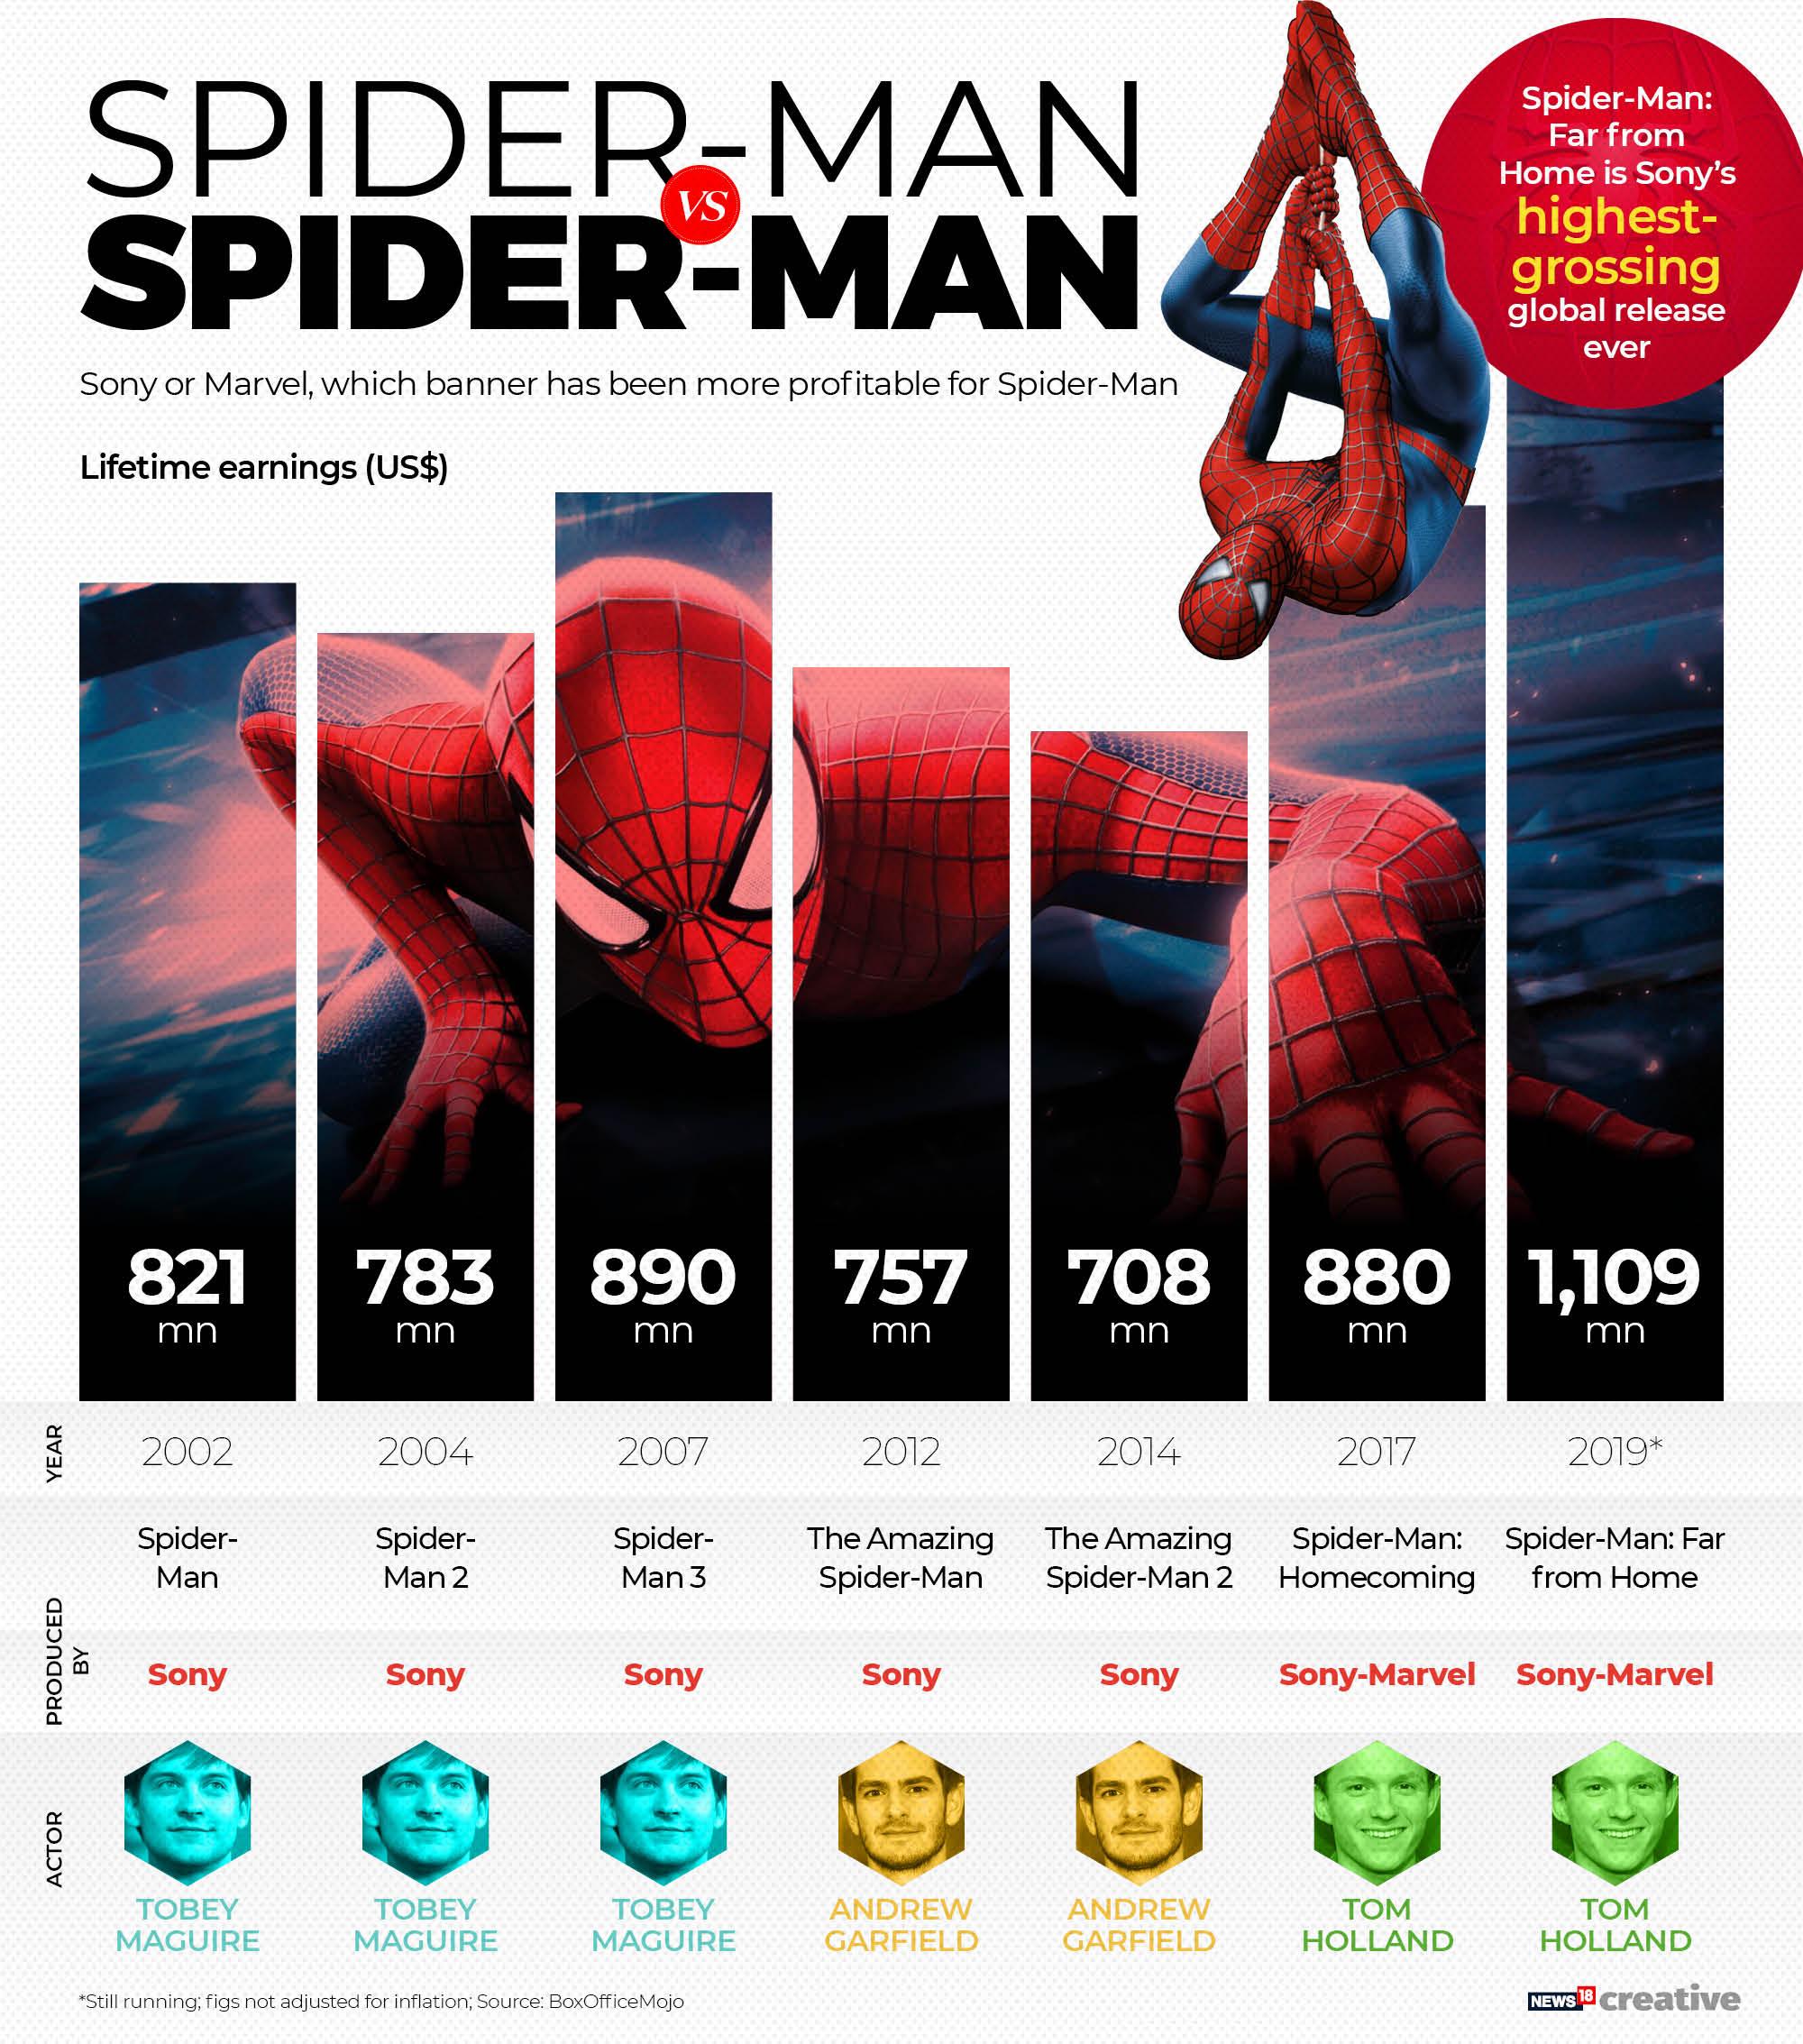 g_120067_spider-manvsspider-man_280x210.jpg